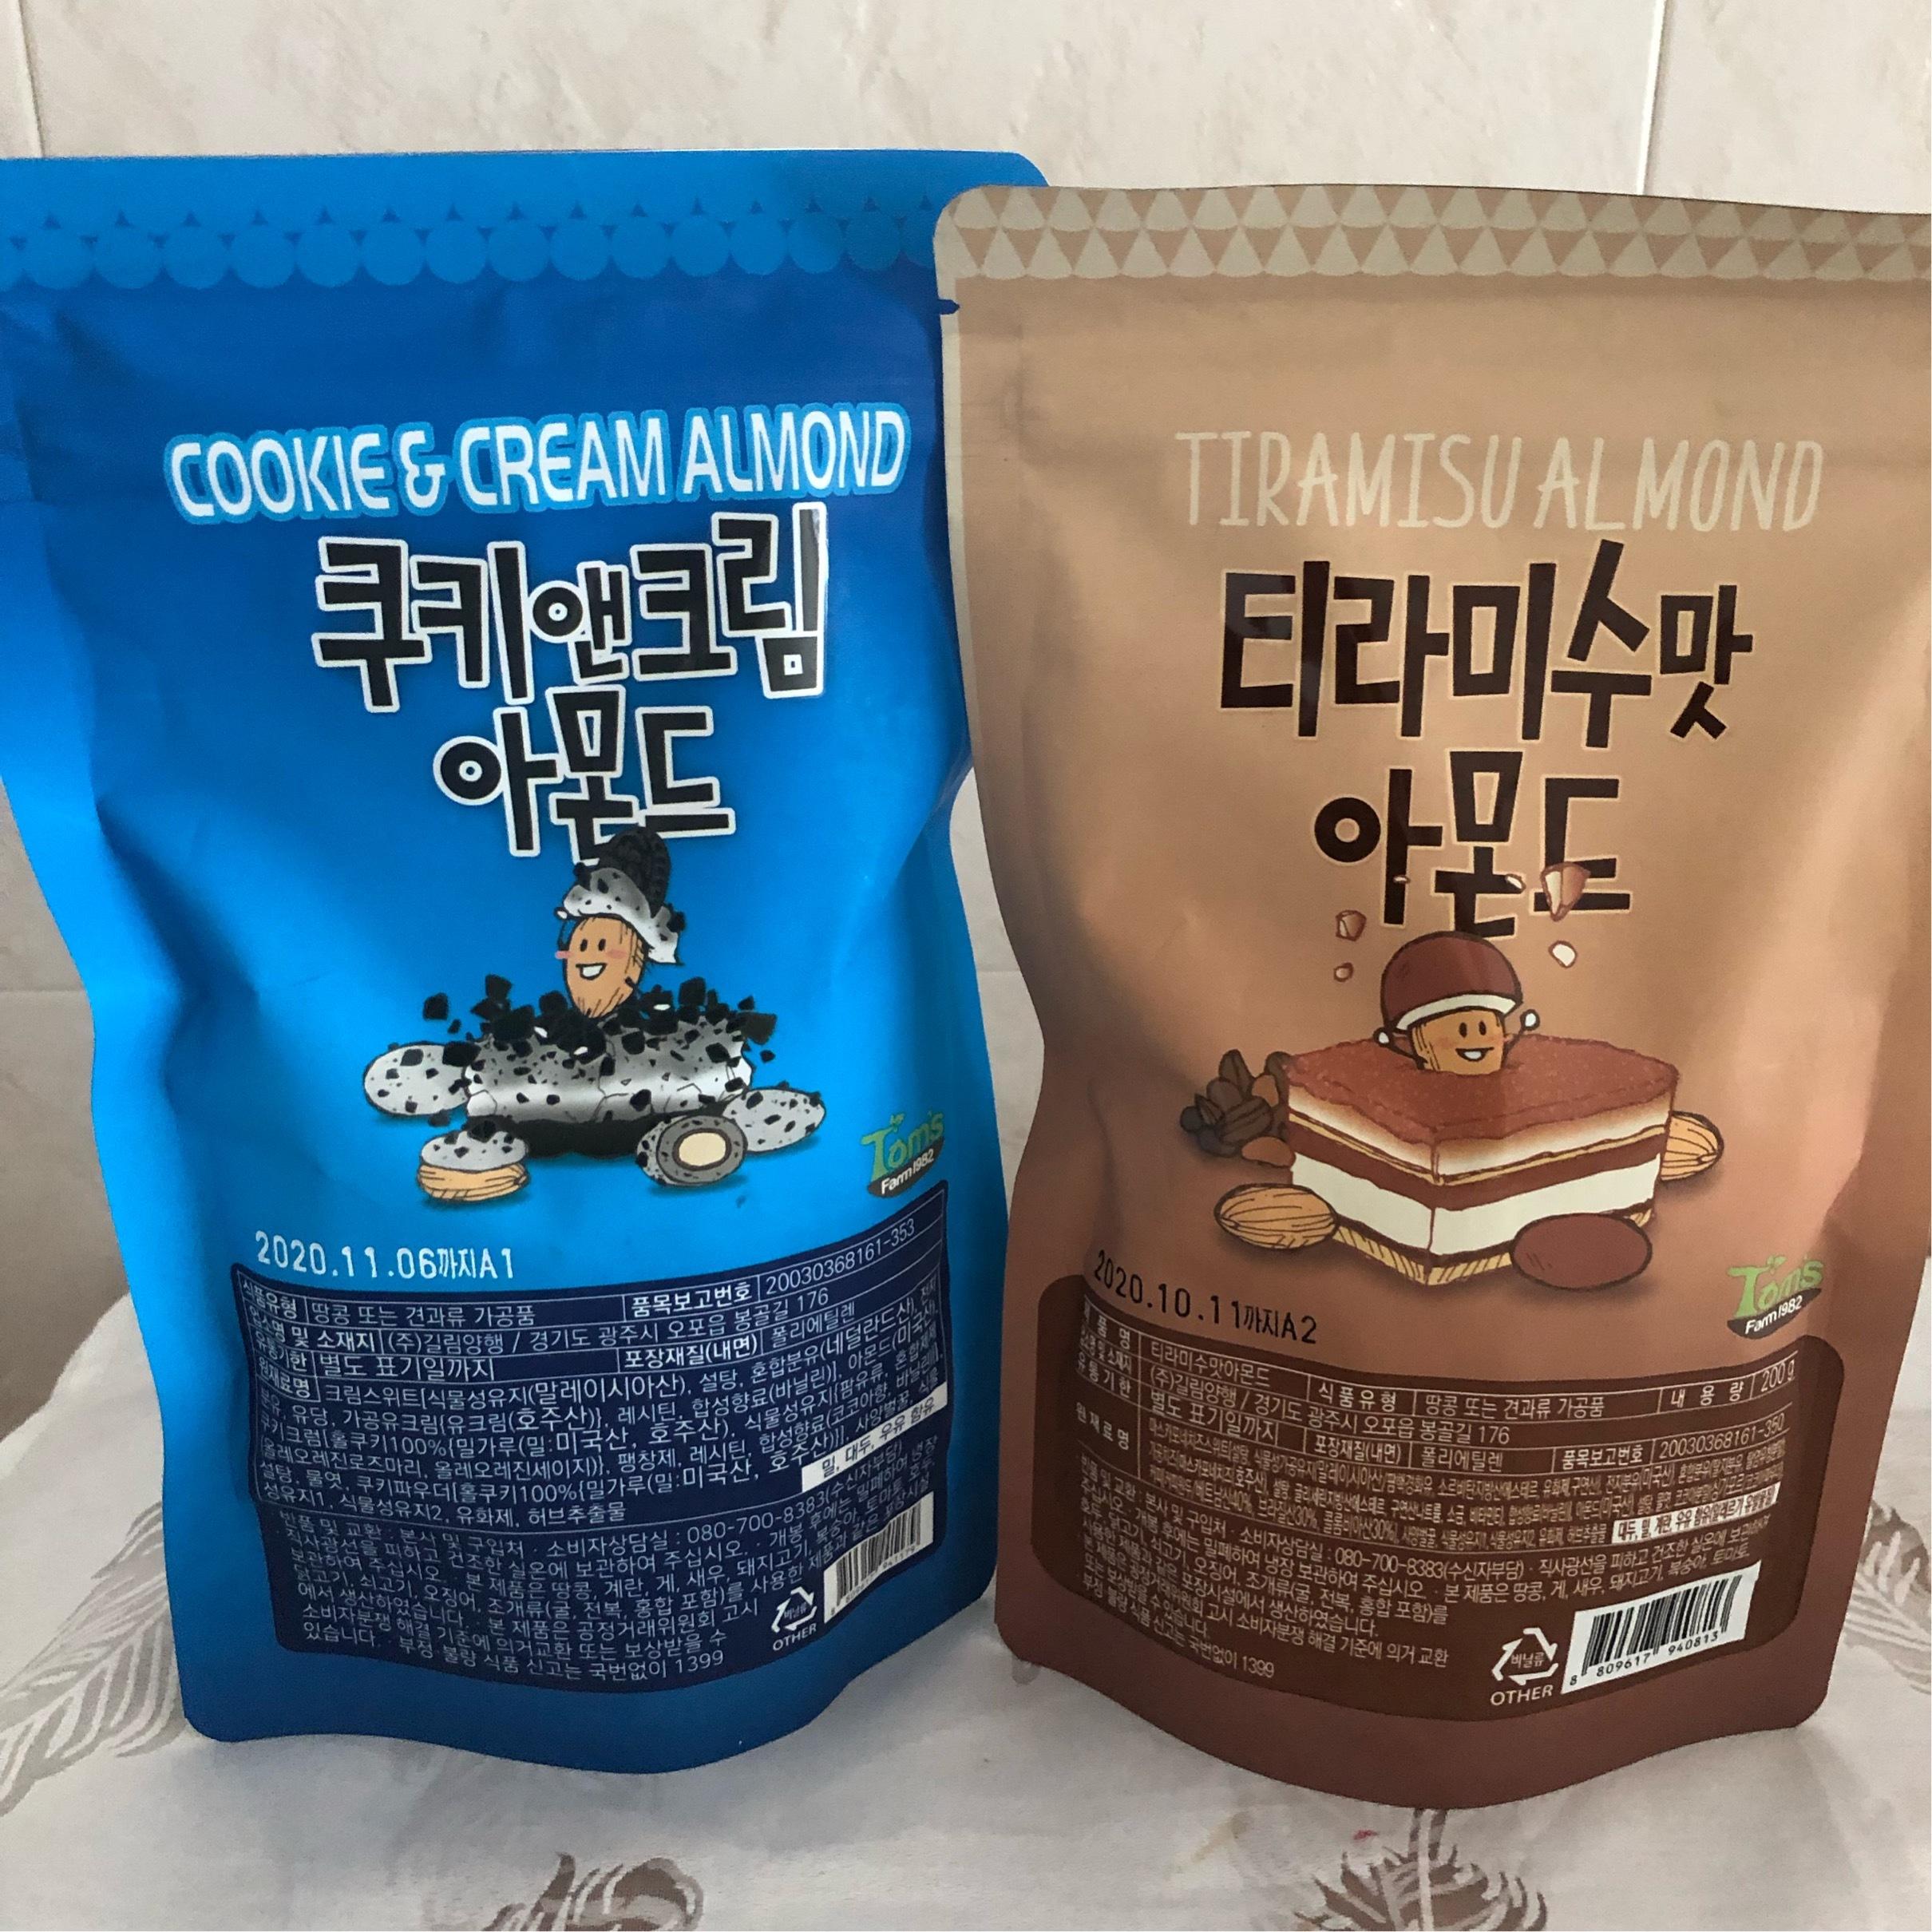 【韓国】購入品③スーパー・コンビニ編_1_3-2